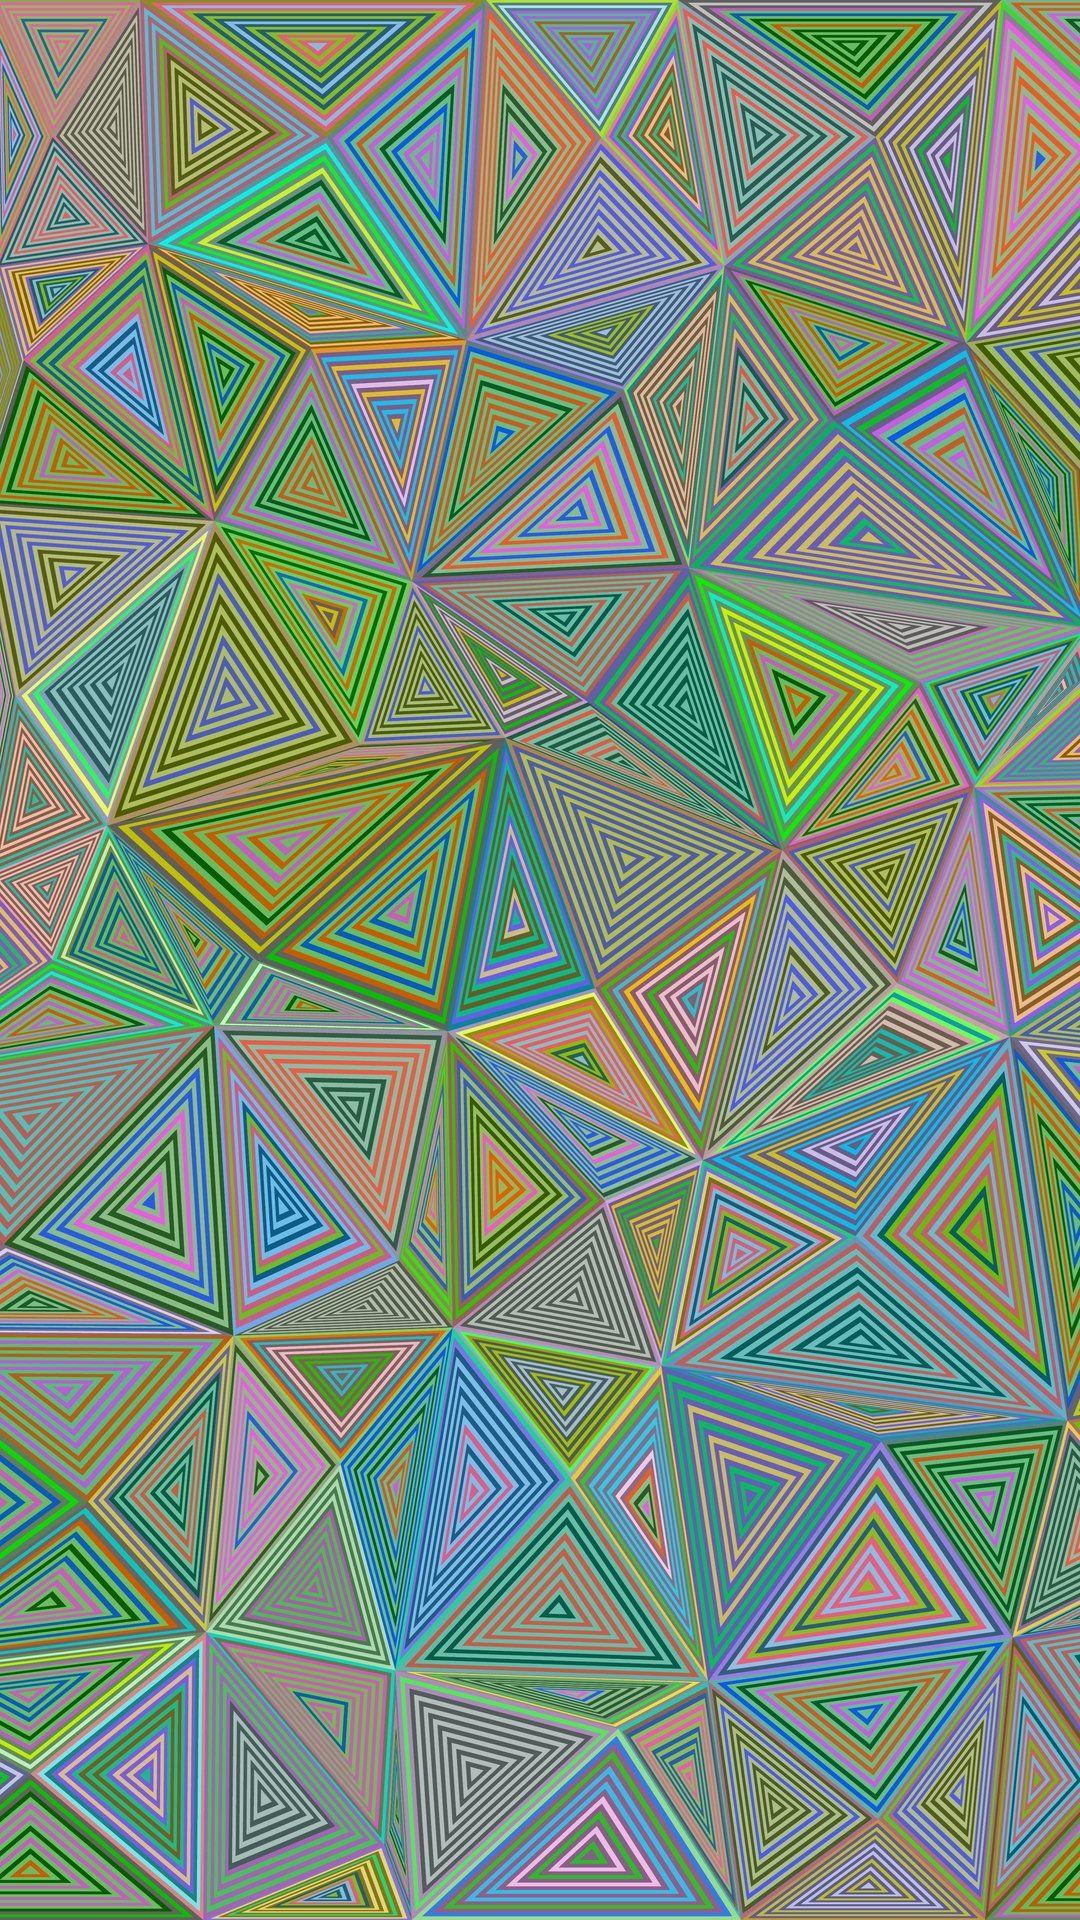 3D Polygon Triangle Illusion Hd Wallpaper